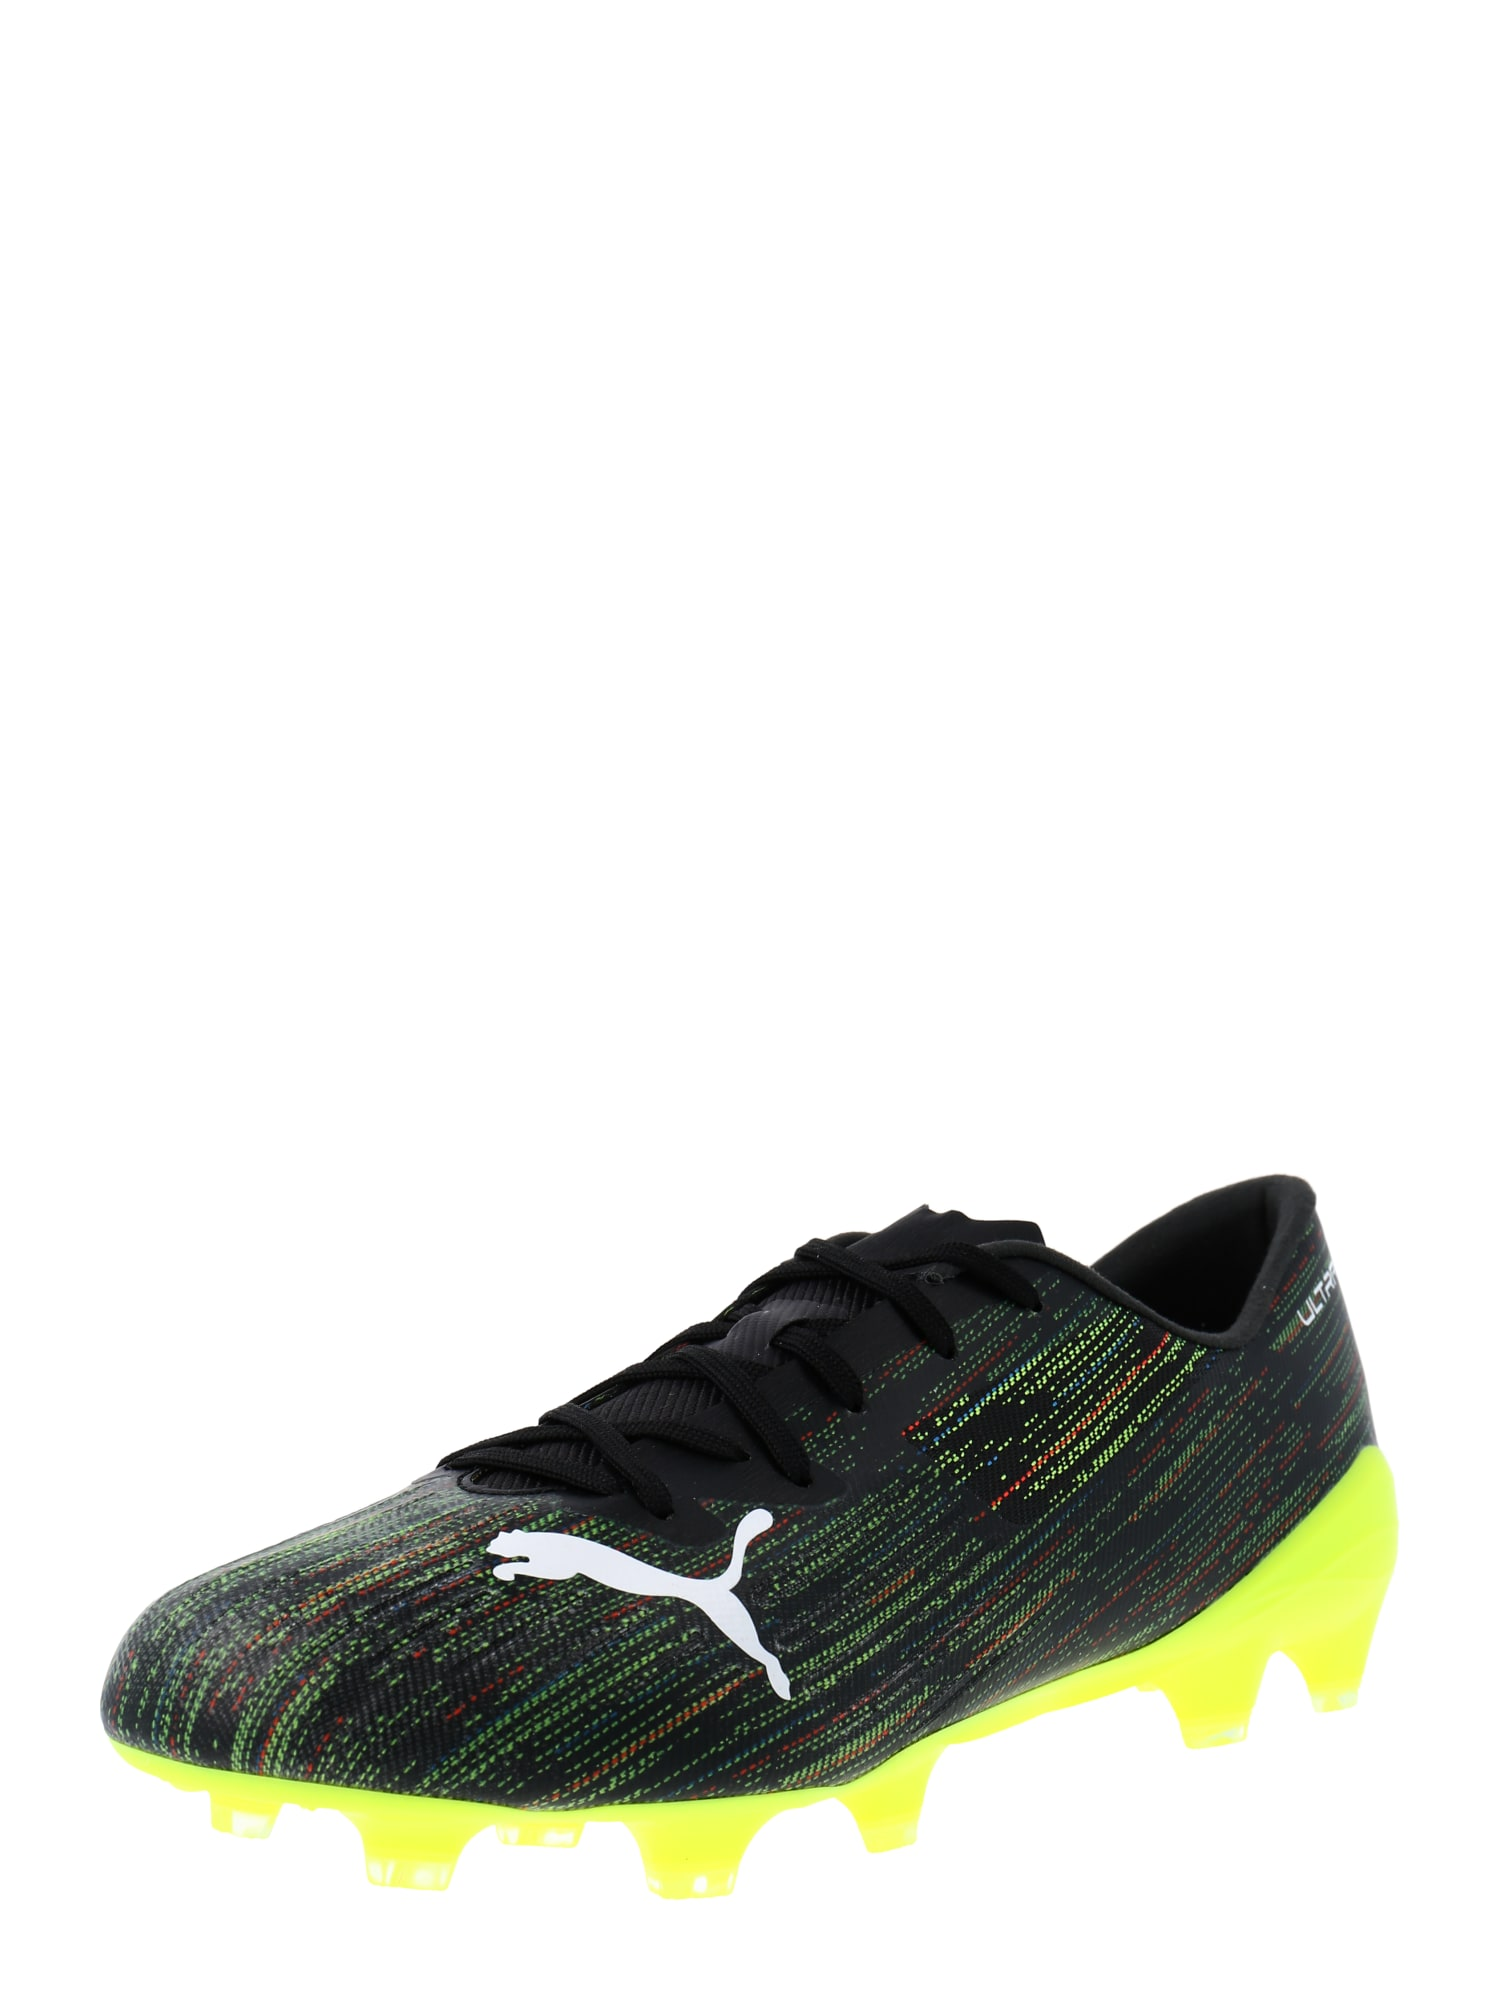 PUMA Scarpa da calcio 'Ultra 2.2'  nero / bianco / verde neon male shop the look